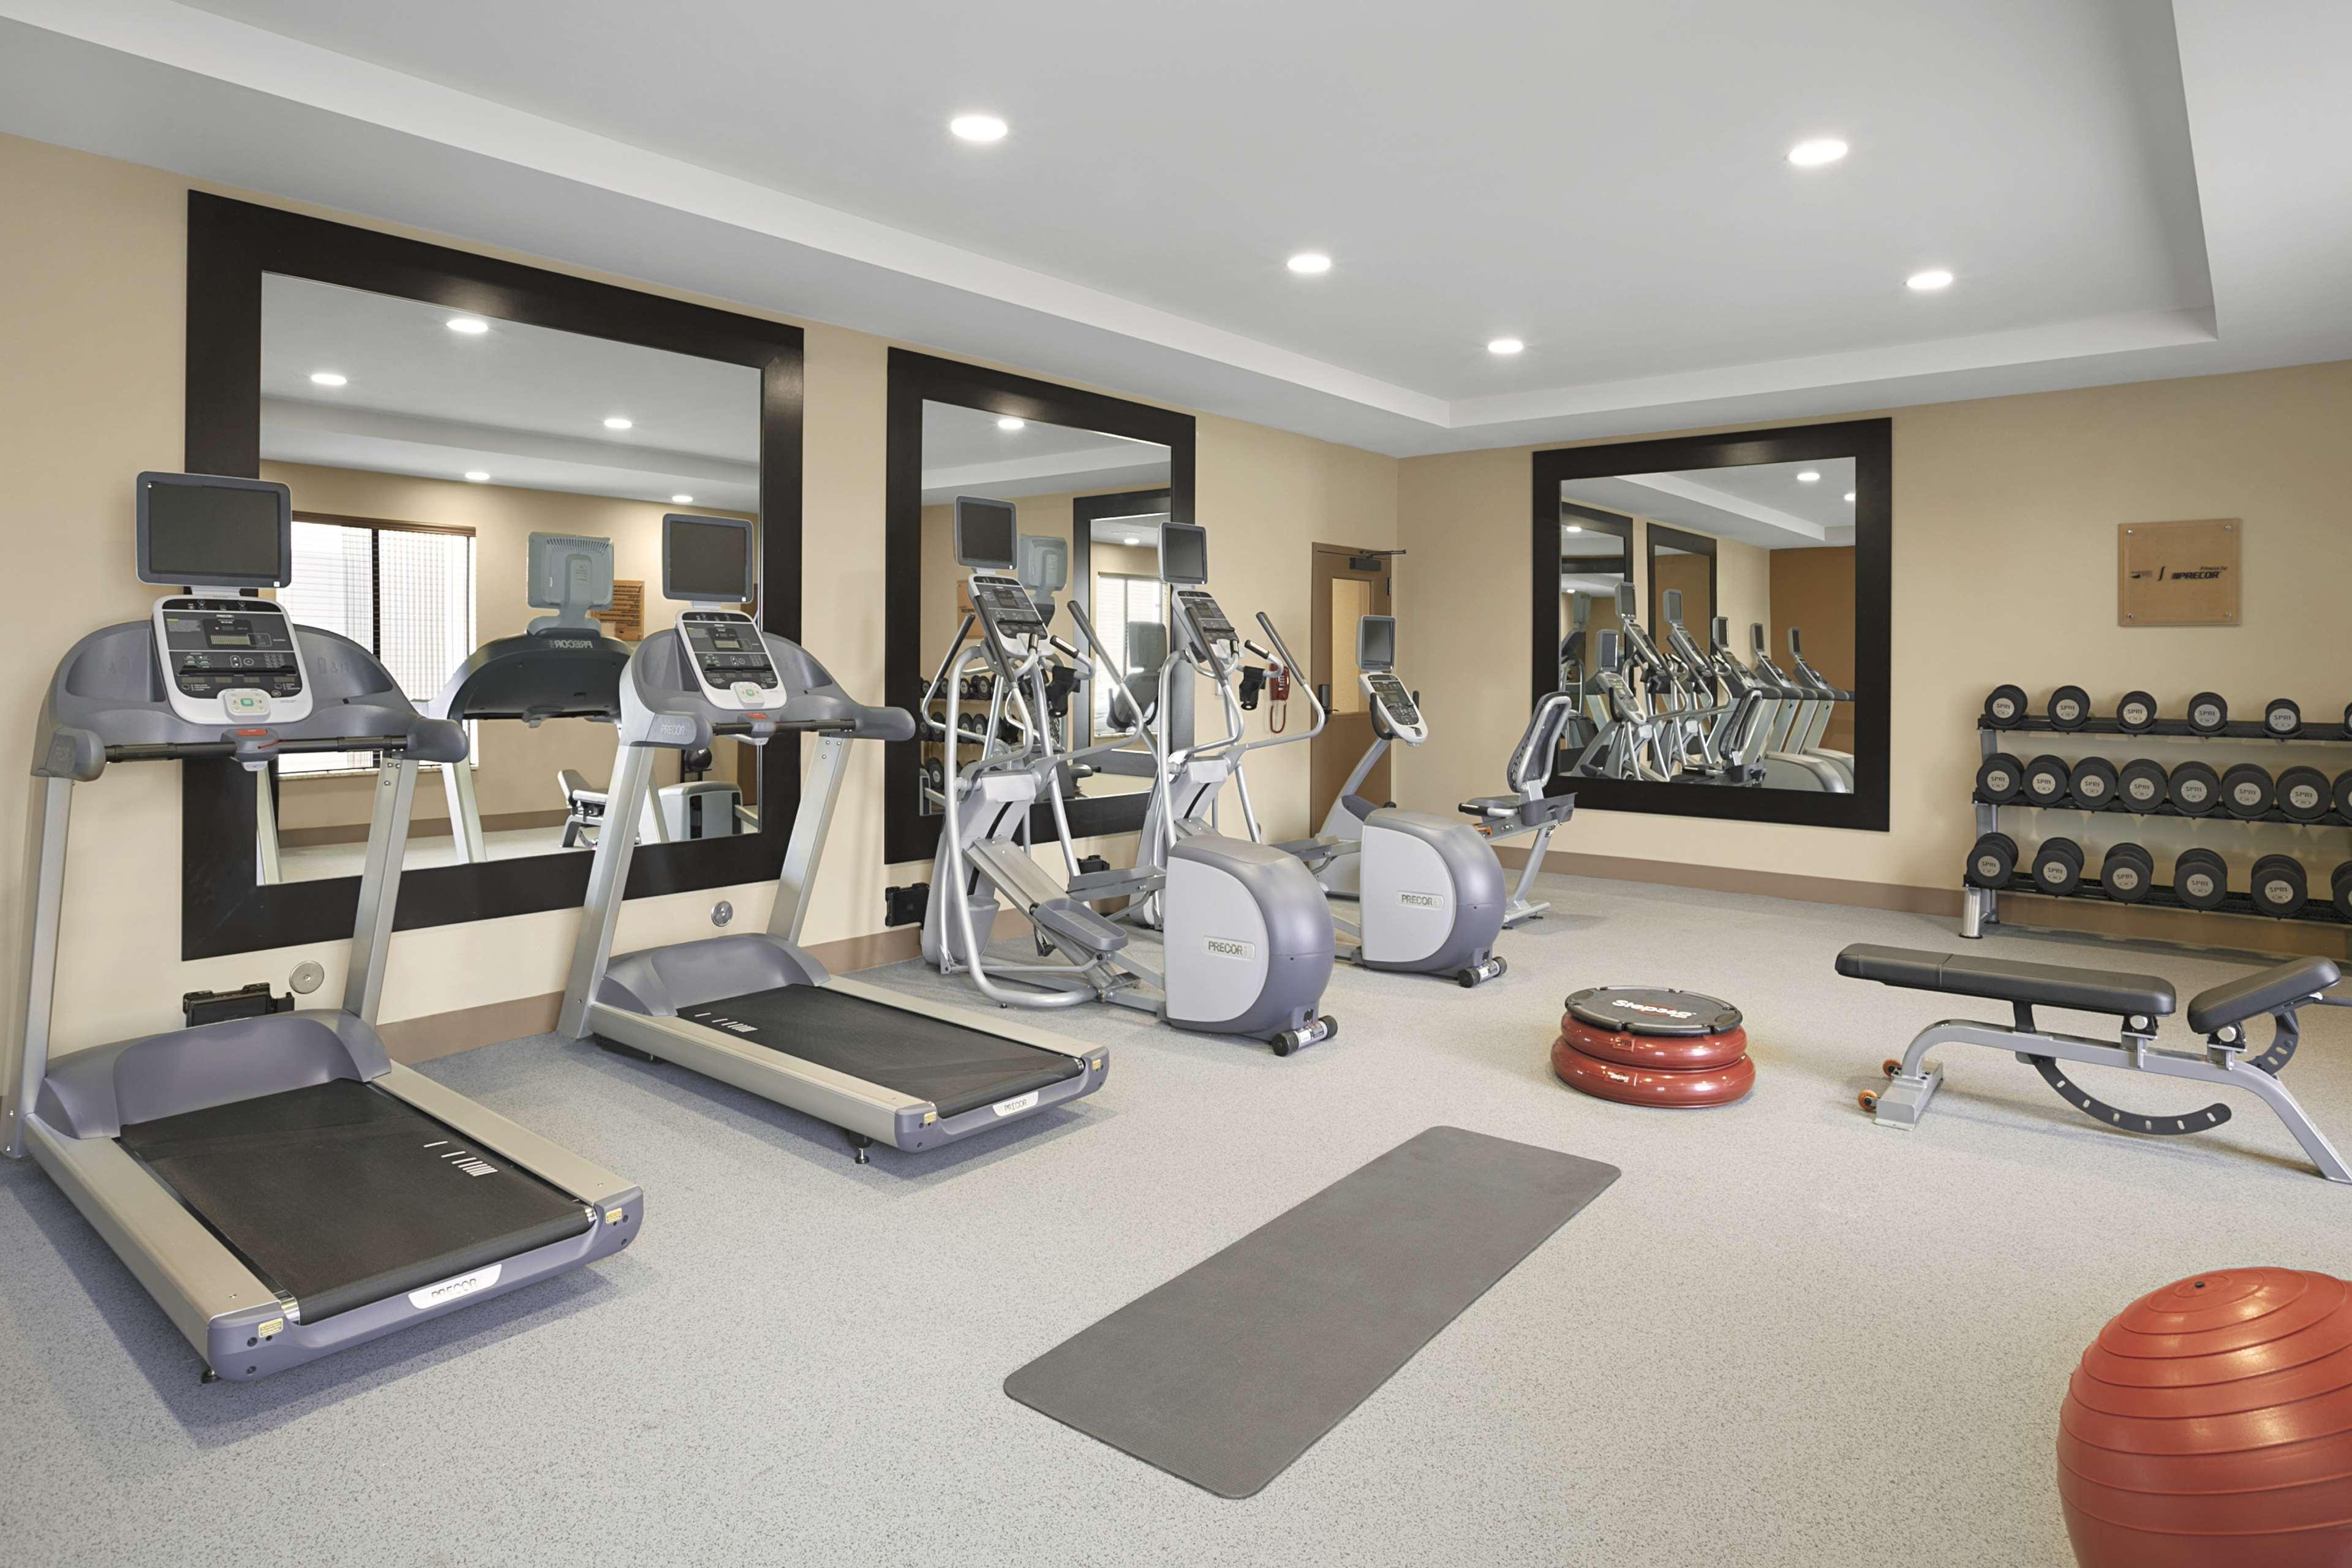 Homewood Suites by Hilton Kalispell, MT image 10